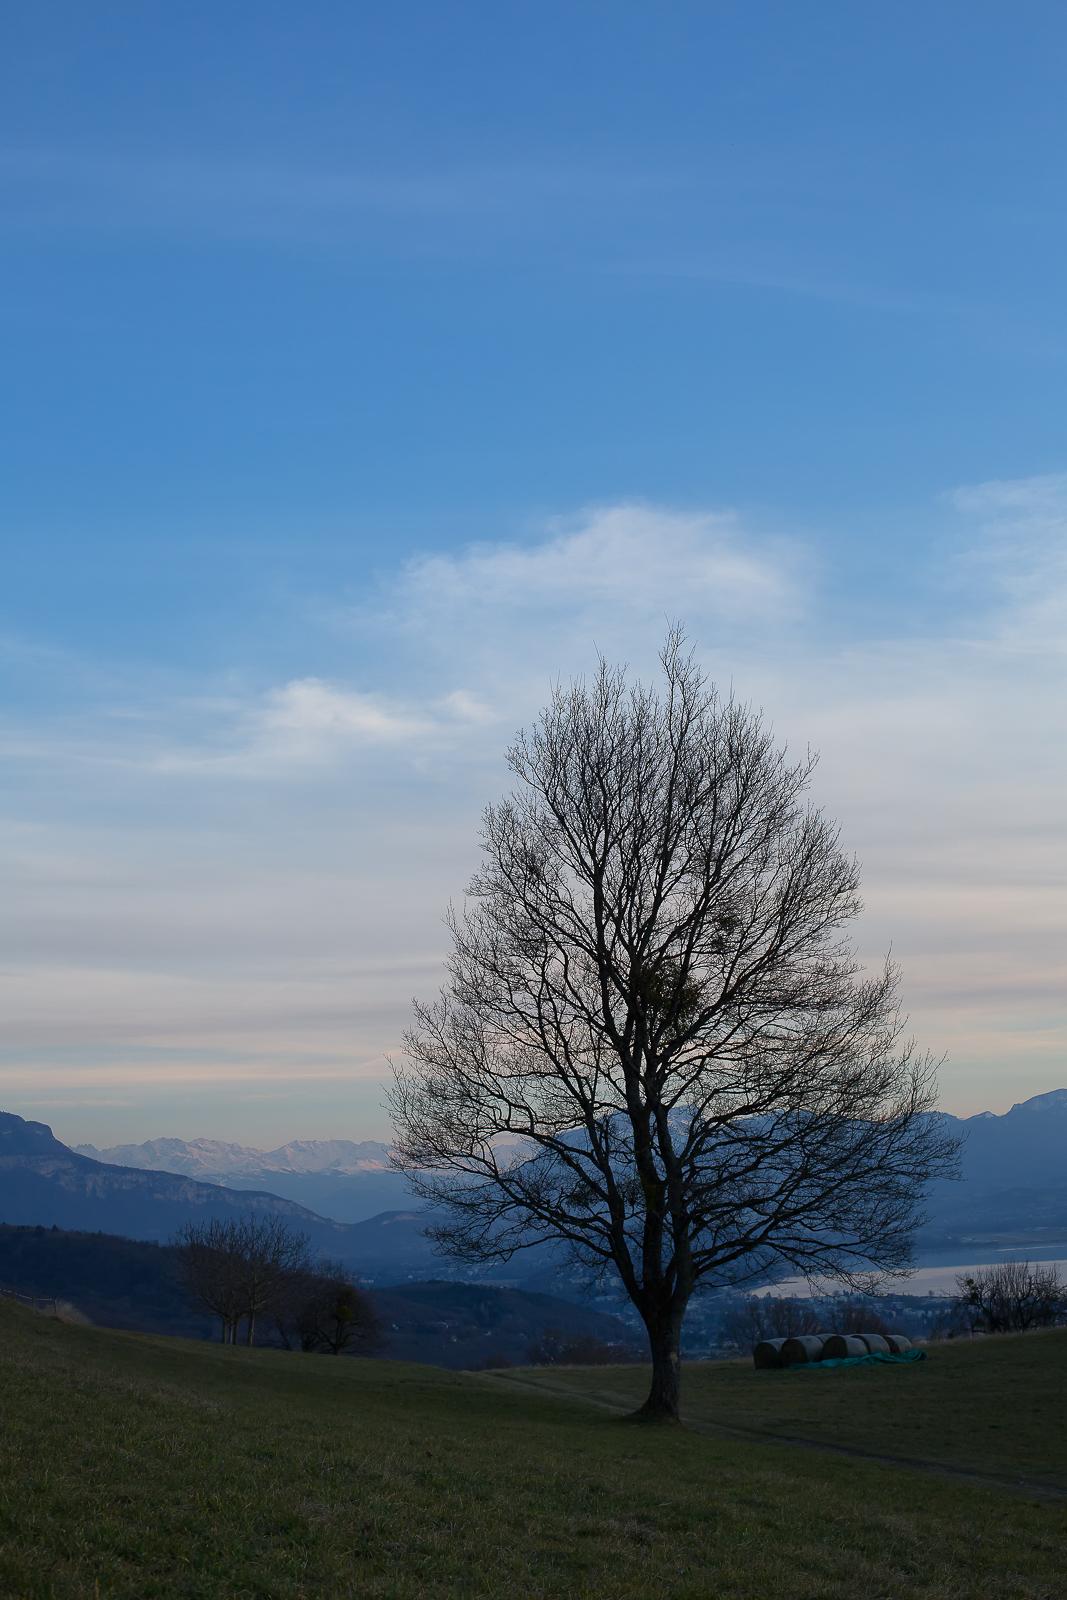 arbre solitaire et chaine de belledonne